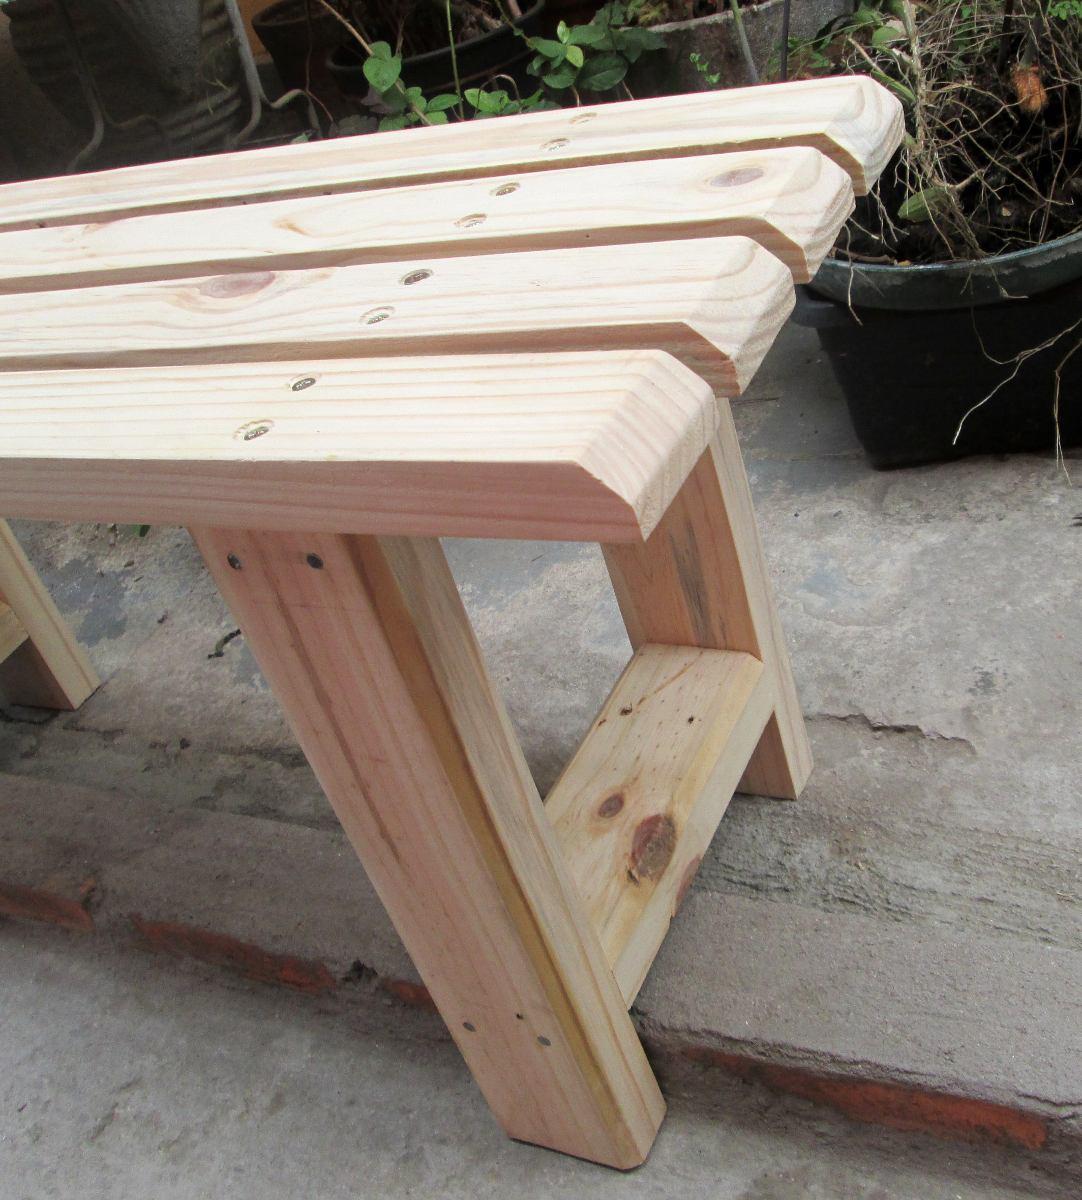 Banco De Madeira Reciclada Pallet Pinus R$ 98 00 em Mercado Livre #826D49 1082x1200